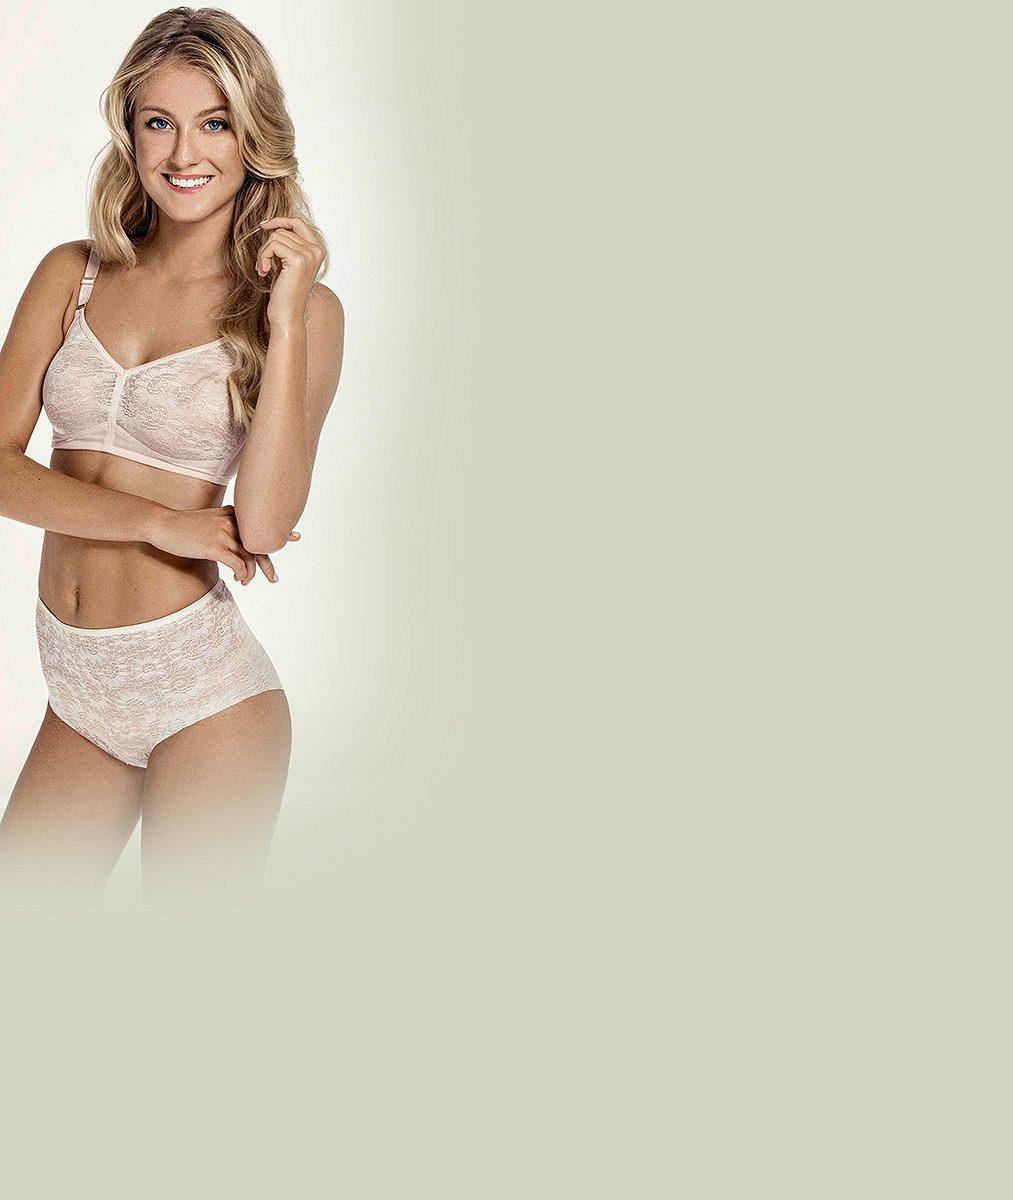 Natálie Kotková se svlékla do prádla. Majitelka nejkrásnější postavy na Miss konečně zúročila své přednosti